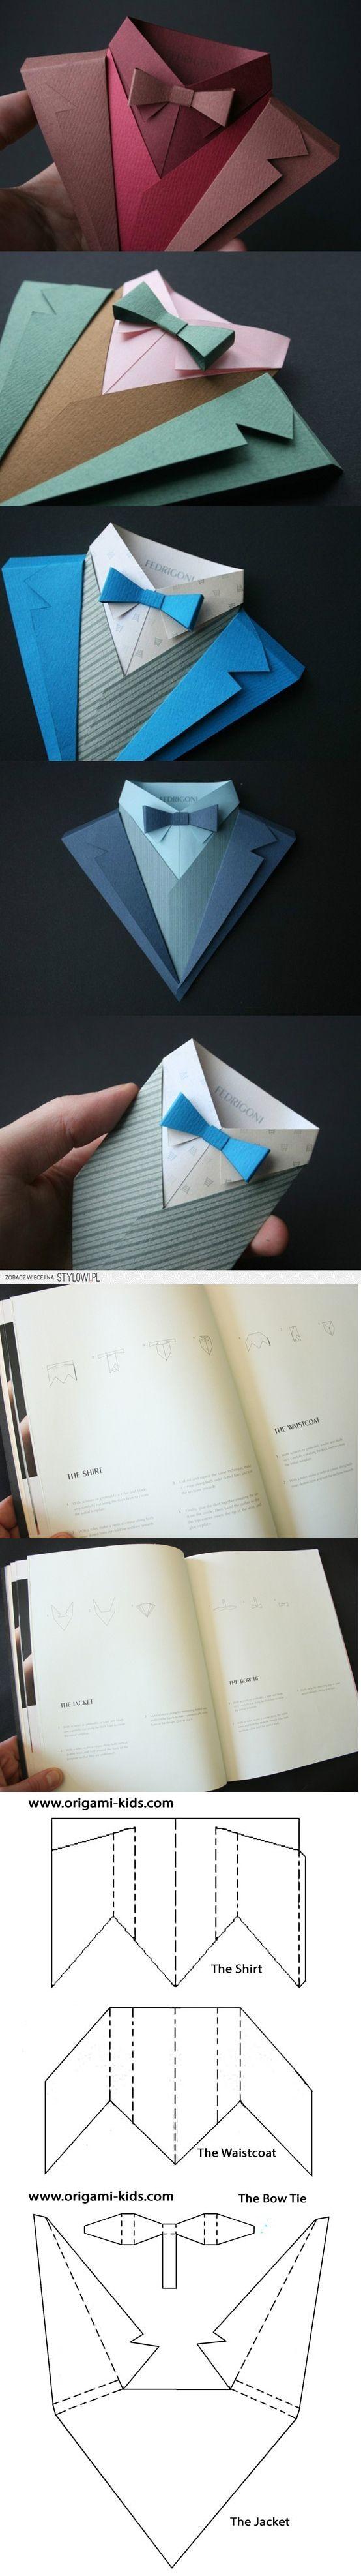 Camisa origami - manualidades para el día del padre - tarjeta de felicitación - DIY